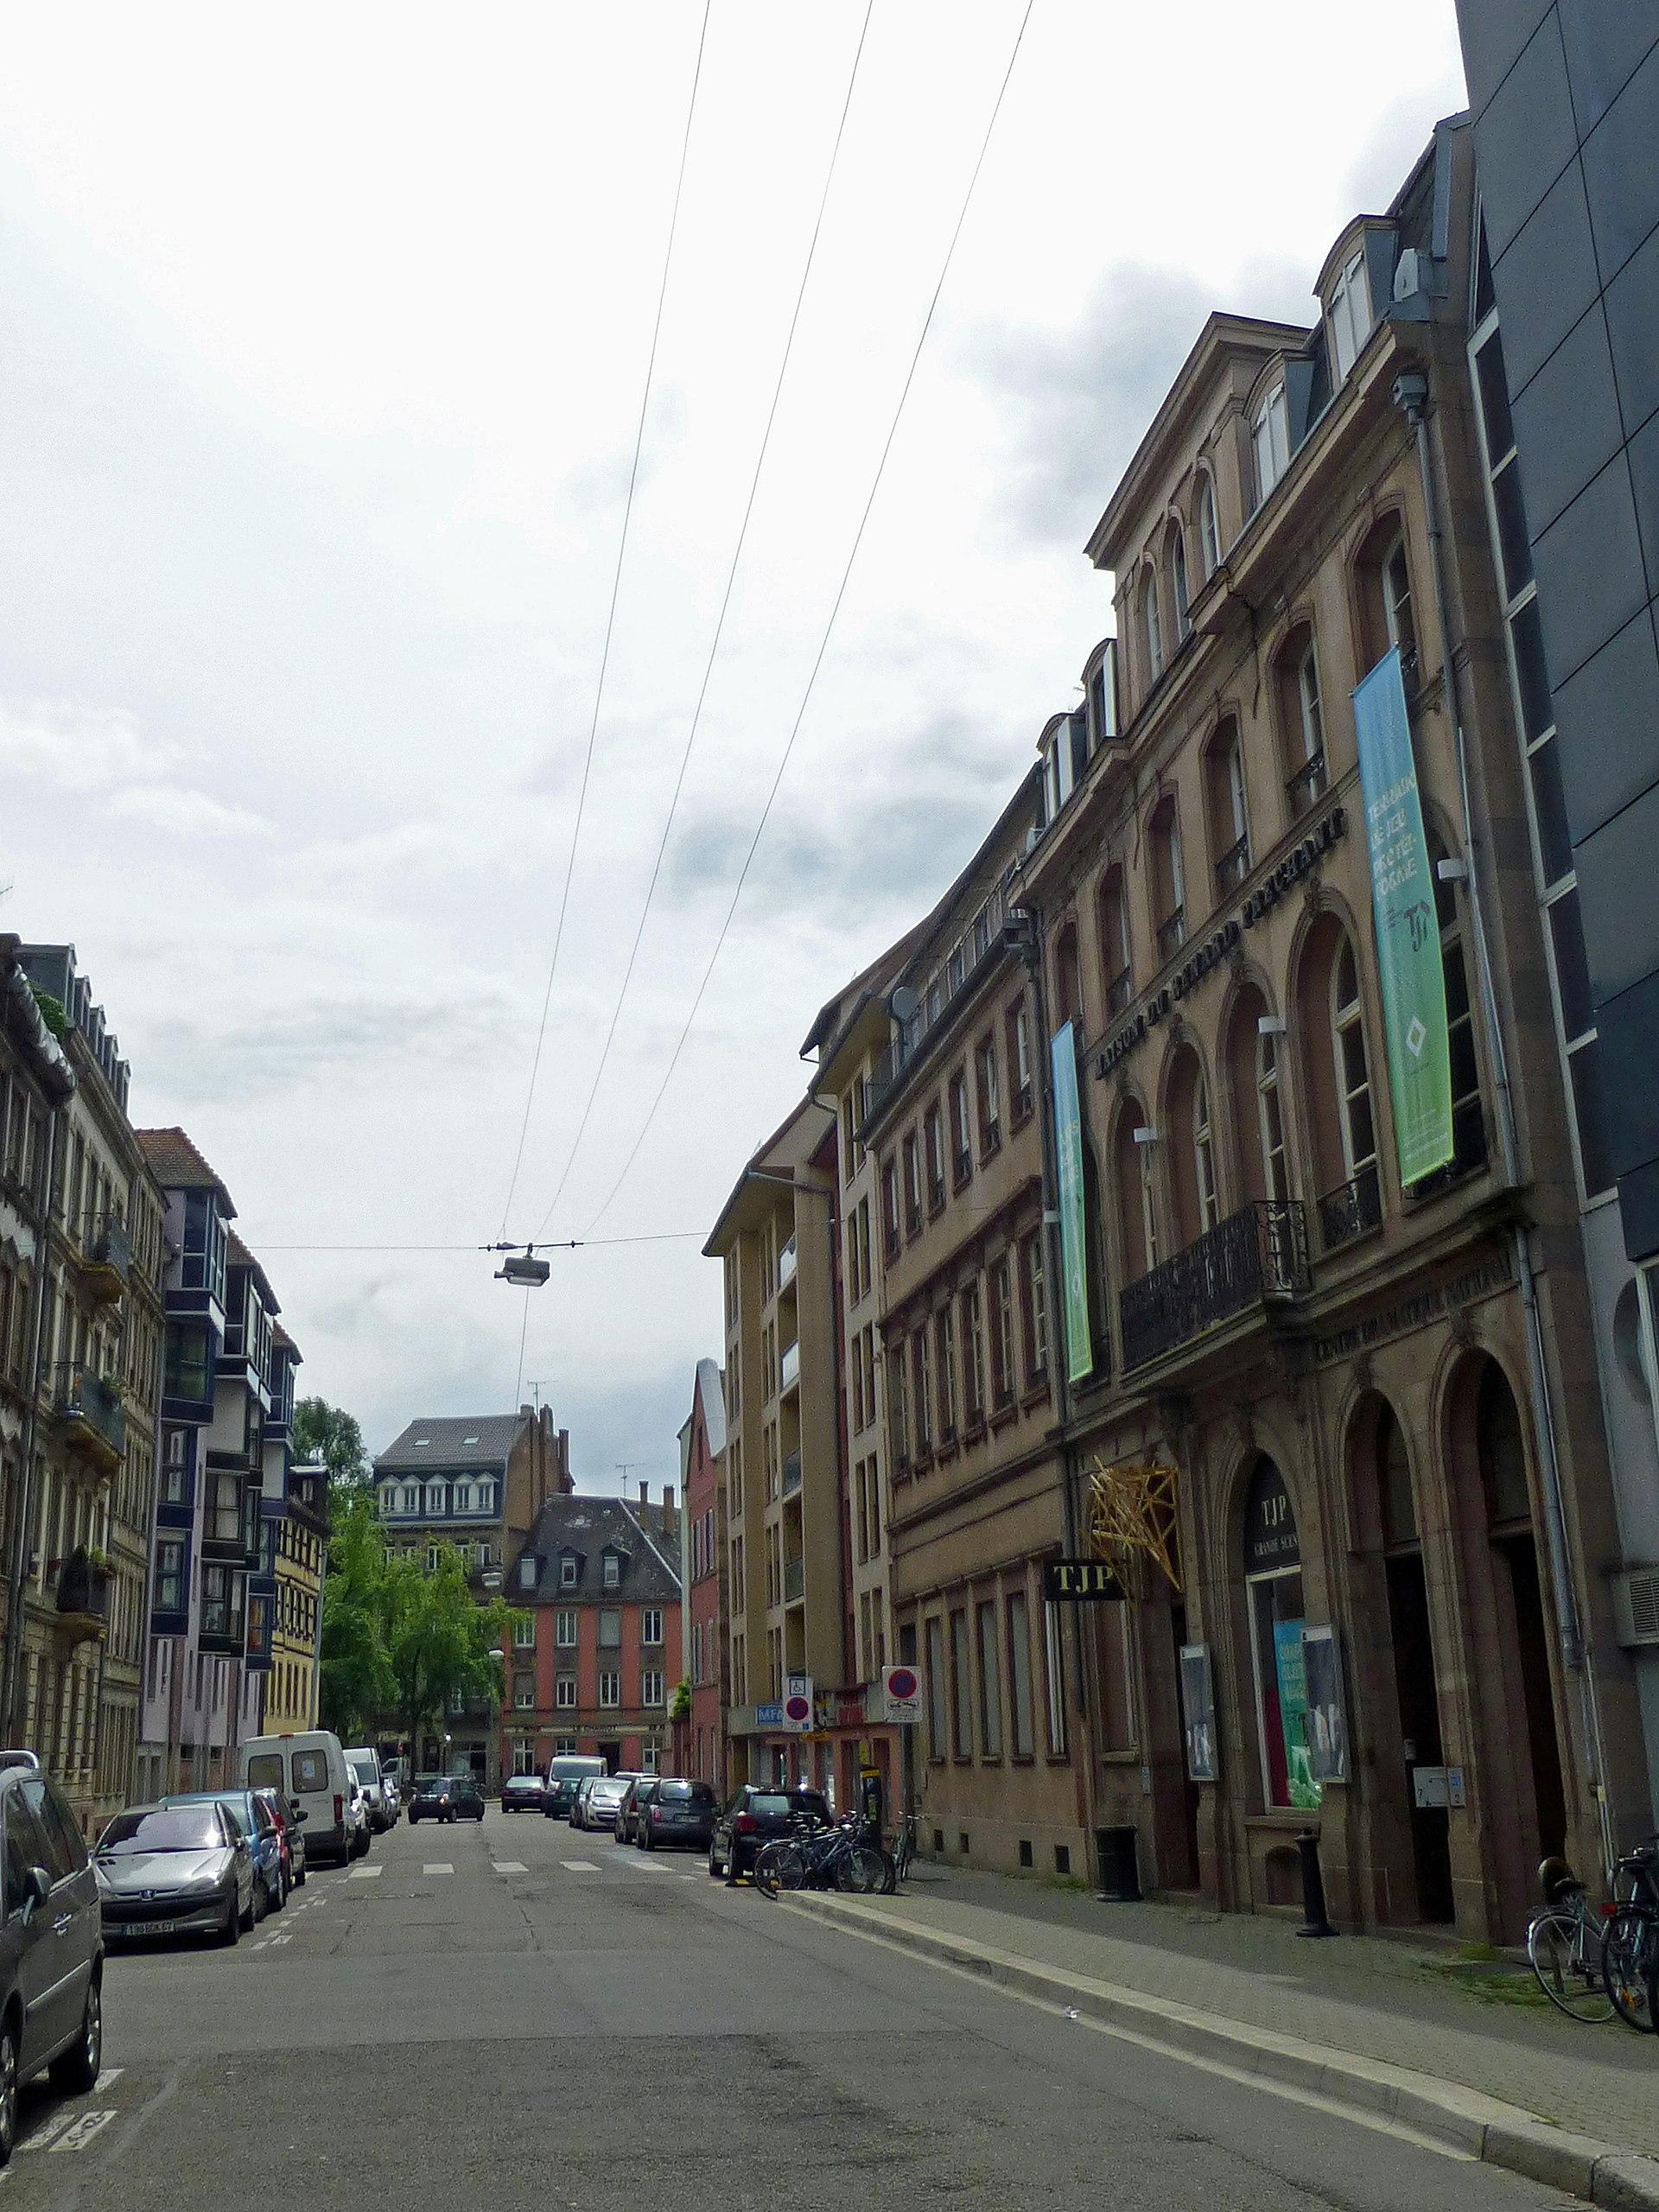 Rue des balayeurs wikip dia for Rue du miroir strasbourg